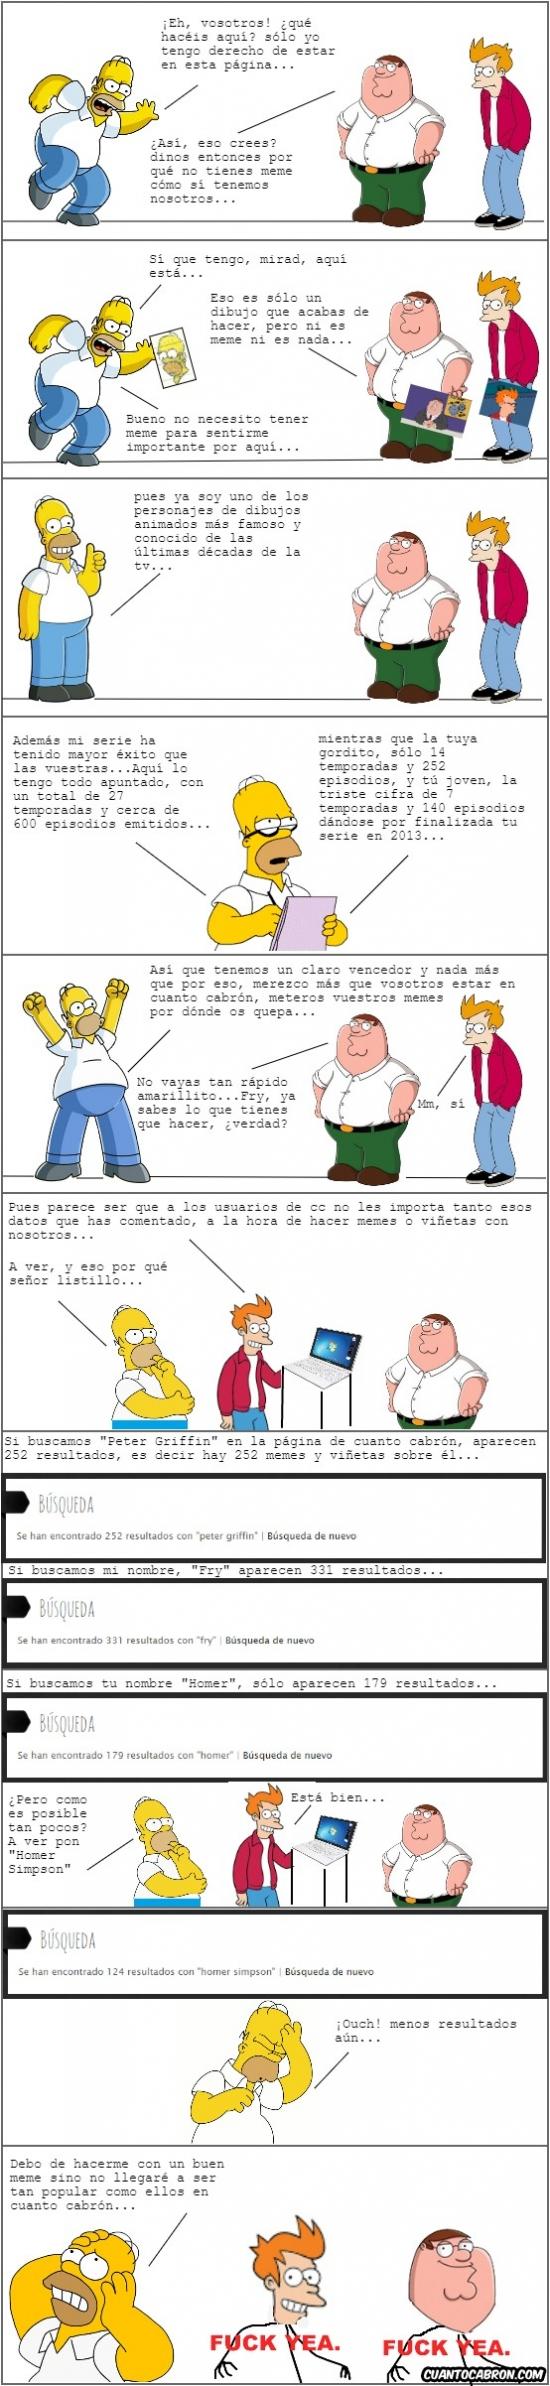 Otros - La dura rivalidad entre Homer, Peter Griffin y Fry para ser el más popular